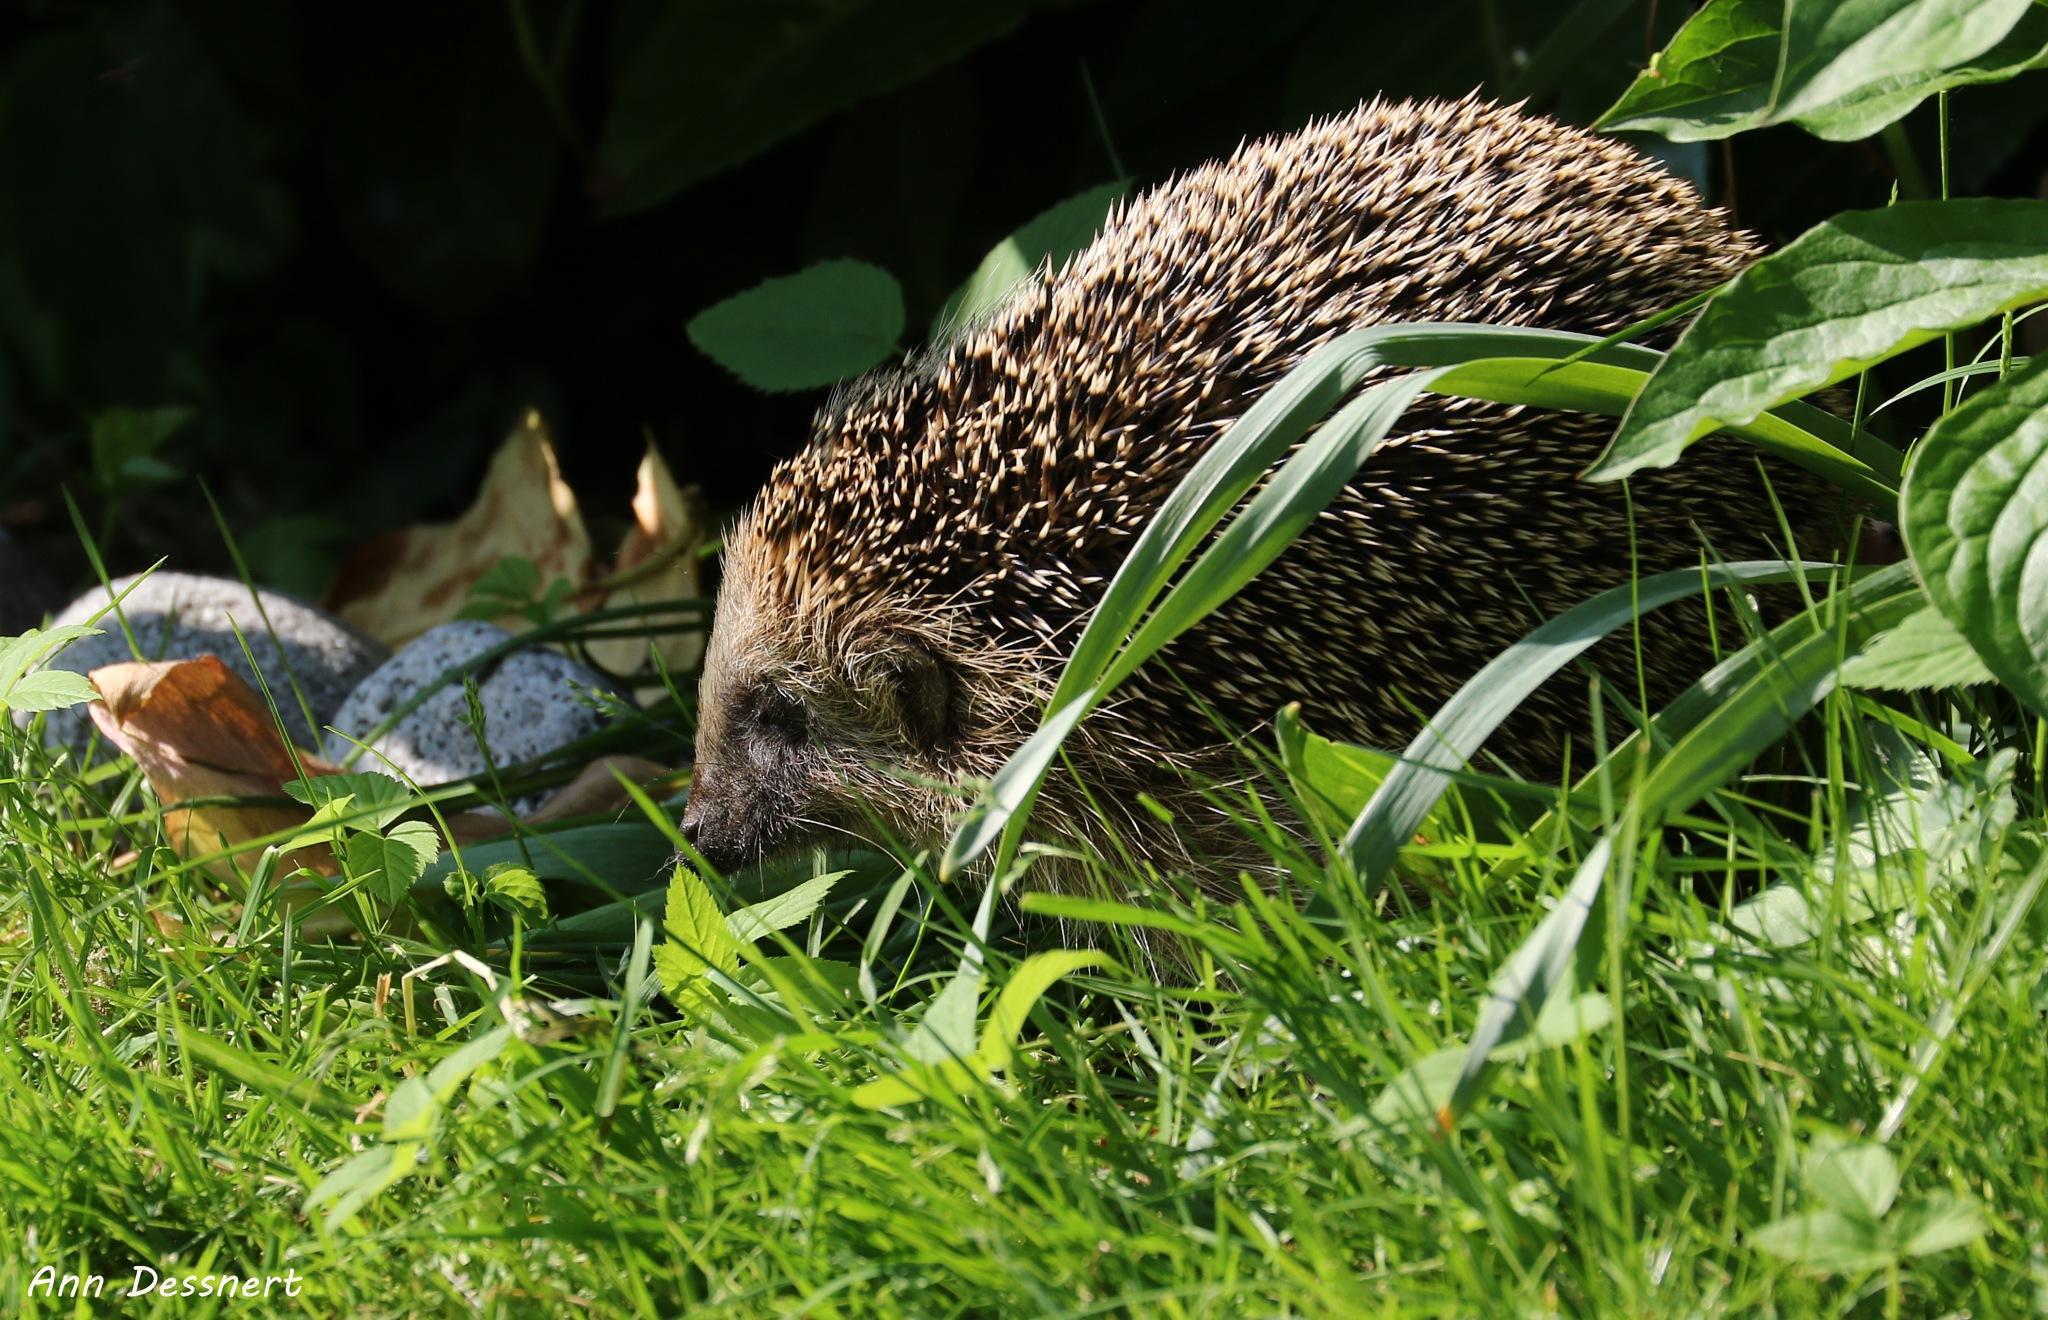 A hedgehog in my garden by AnnDessnert